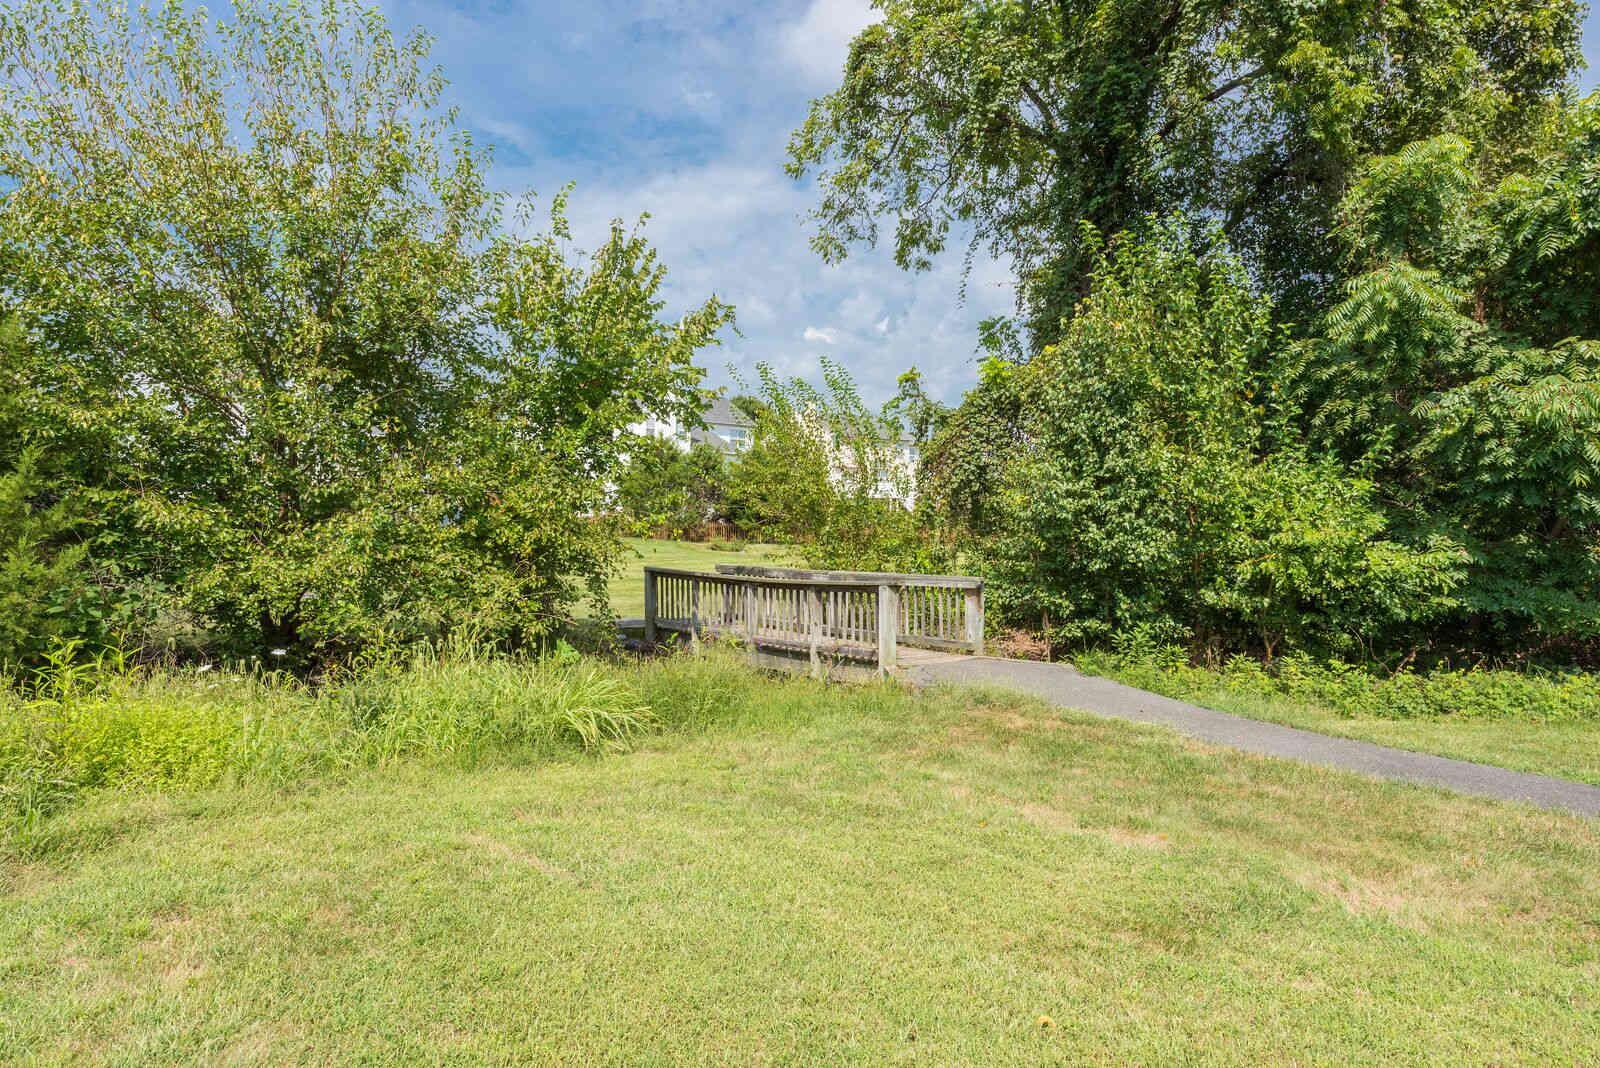 Bridge in the common area of Carisbrooke HOA